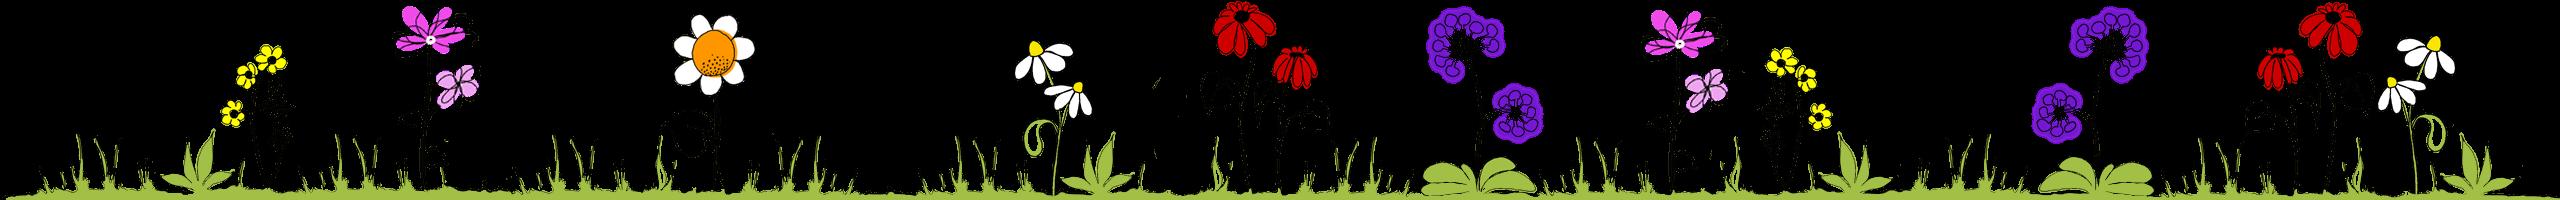 gruenmaler blumenkante